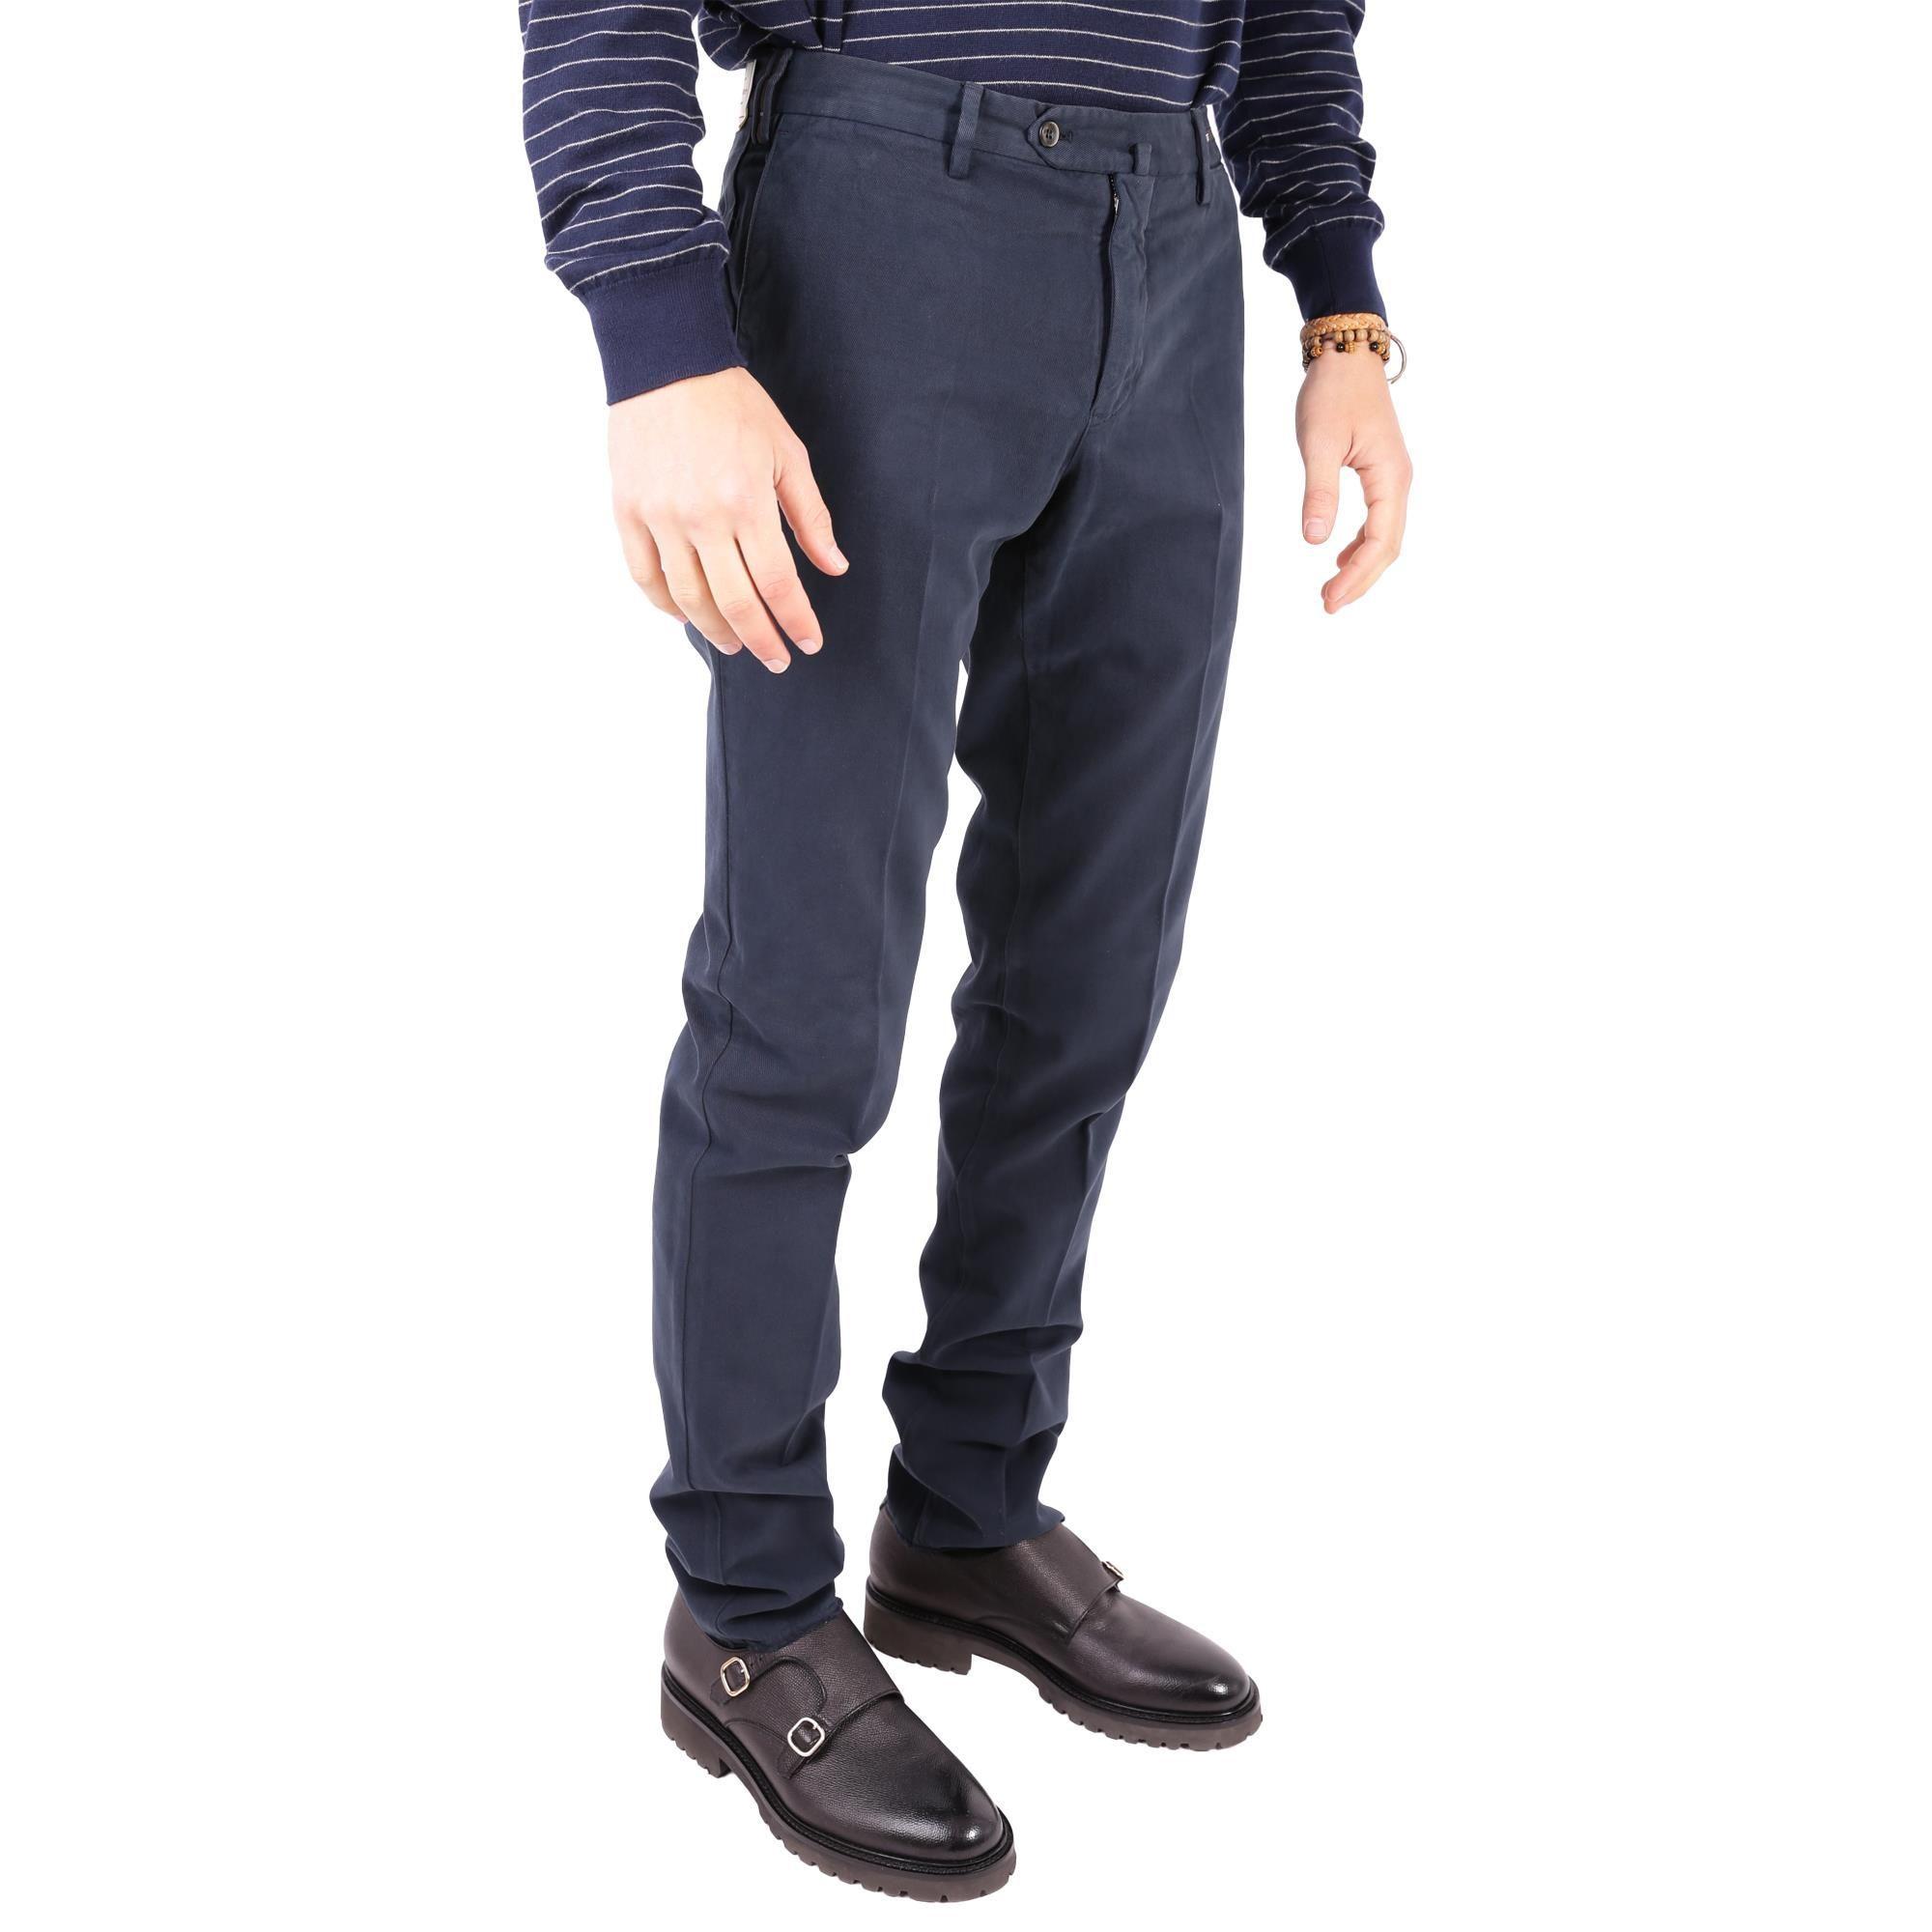 PT01 MEN'S VT01Z00CLATS330360 BLUE COTTON PANTS